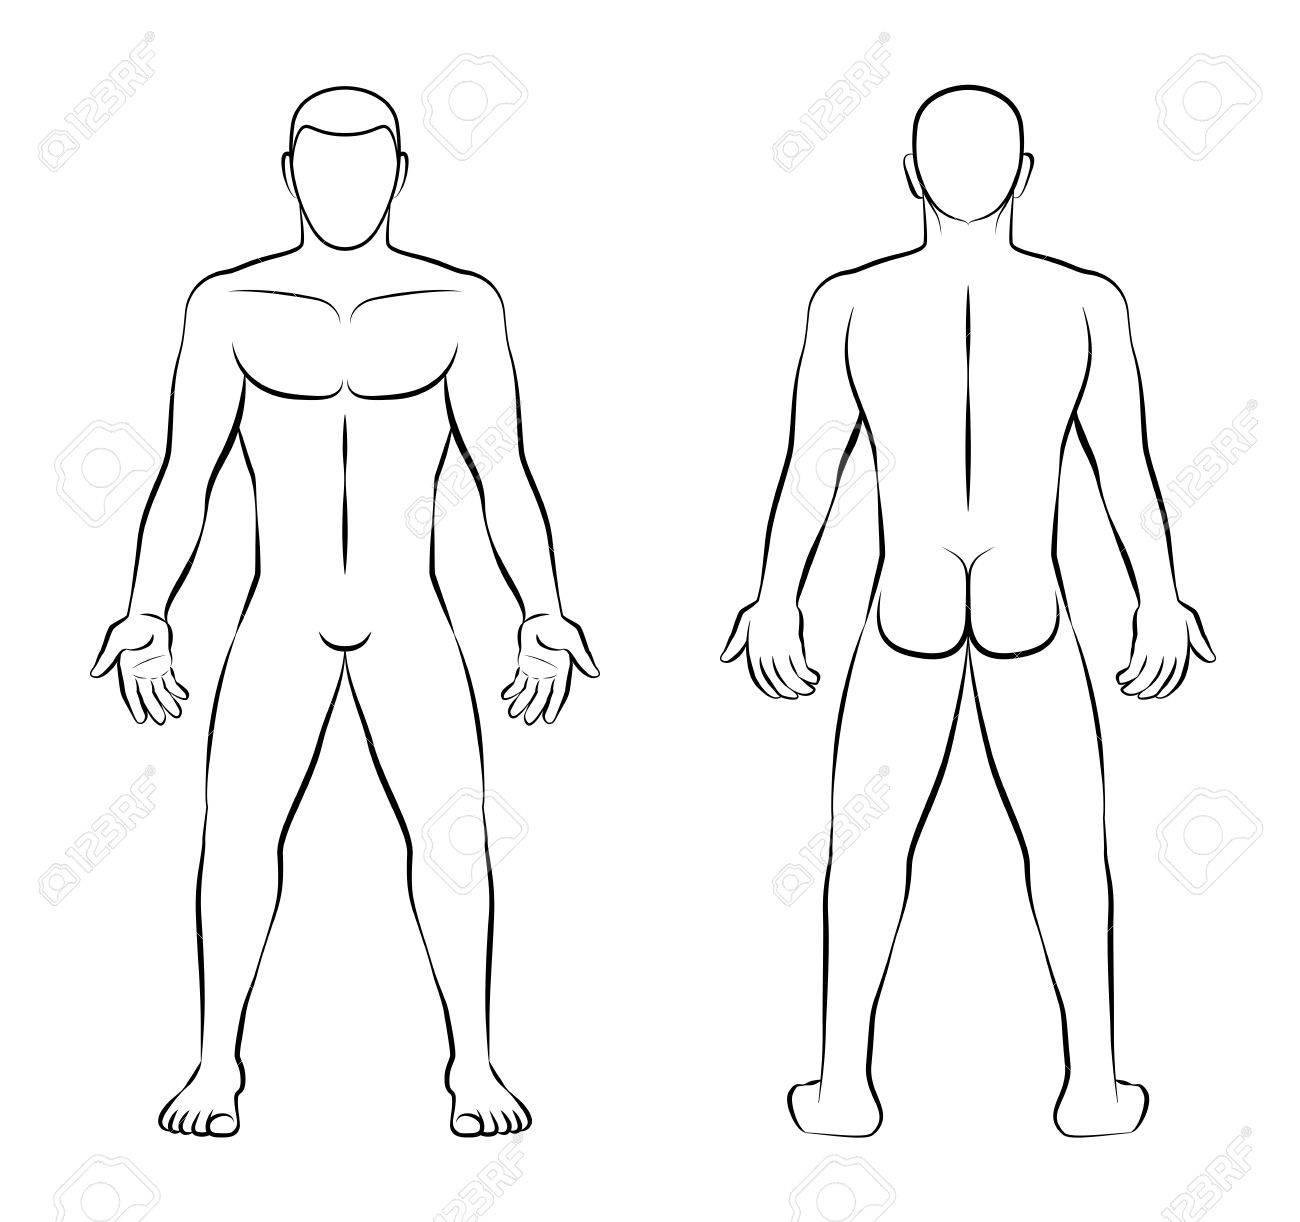 Hombre Desnudo - Ilustración De Contorno - Vista Frontal Y Vista ...